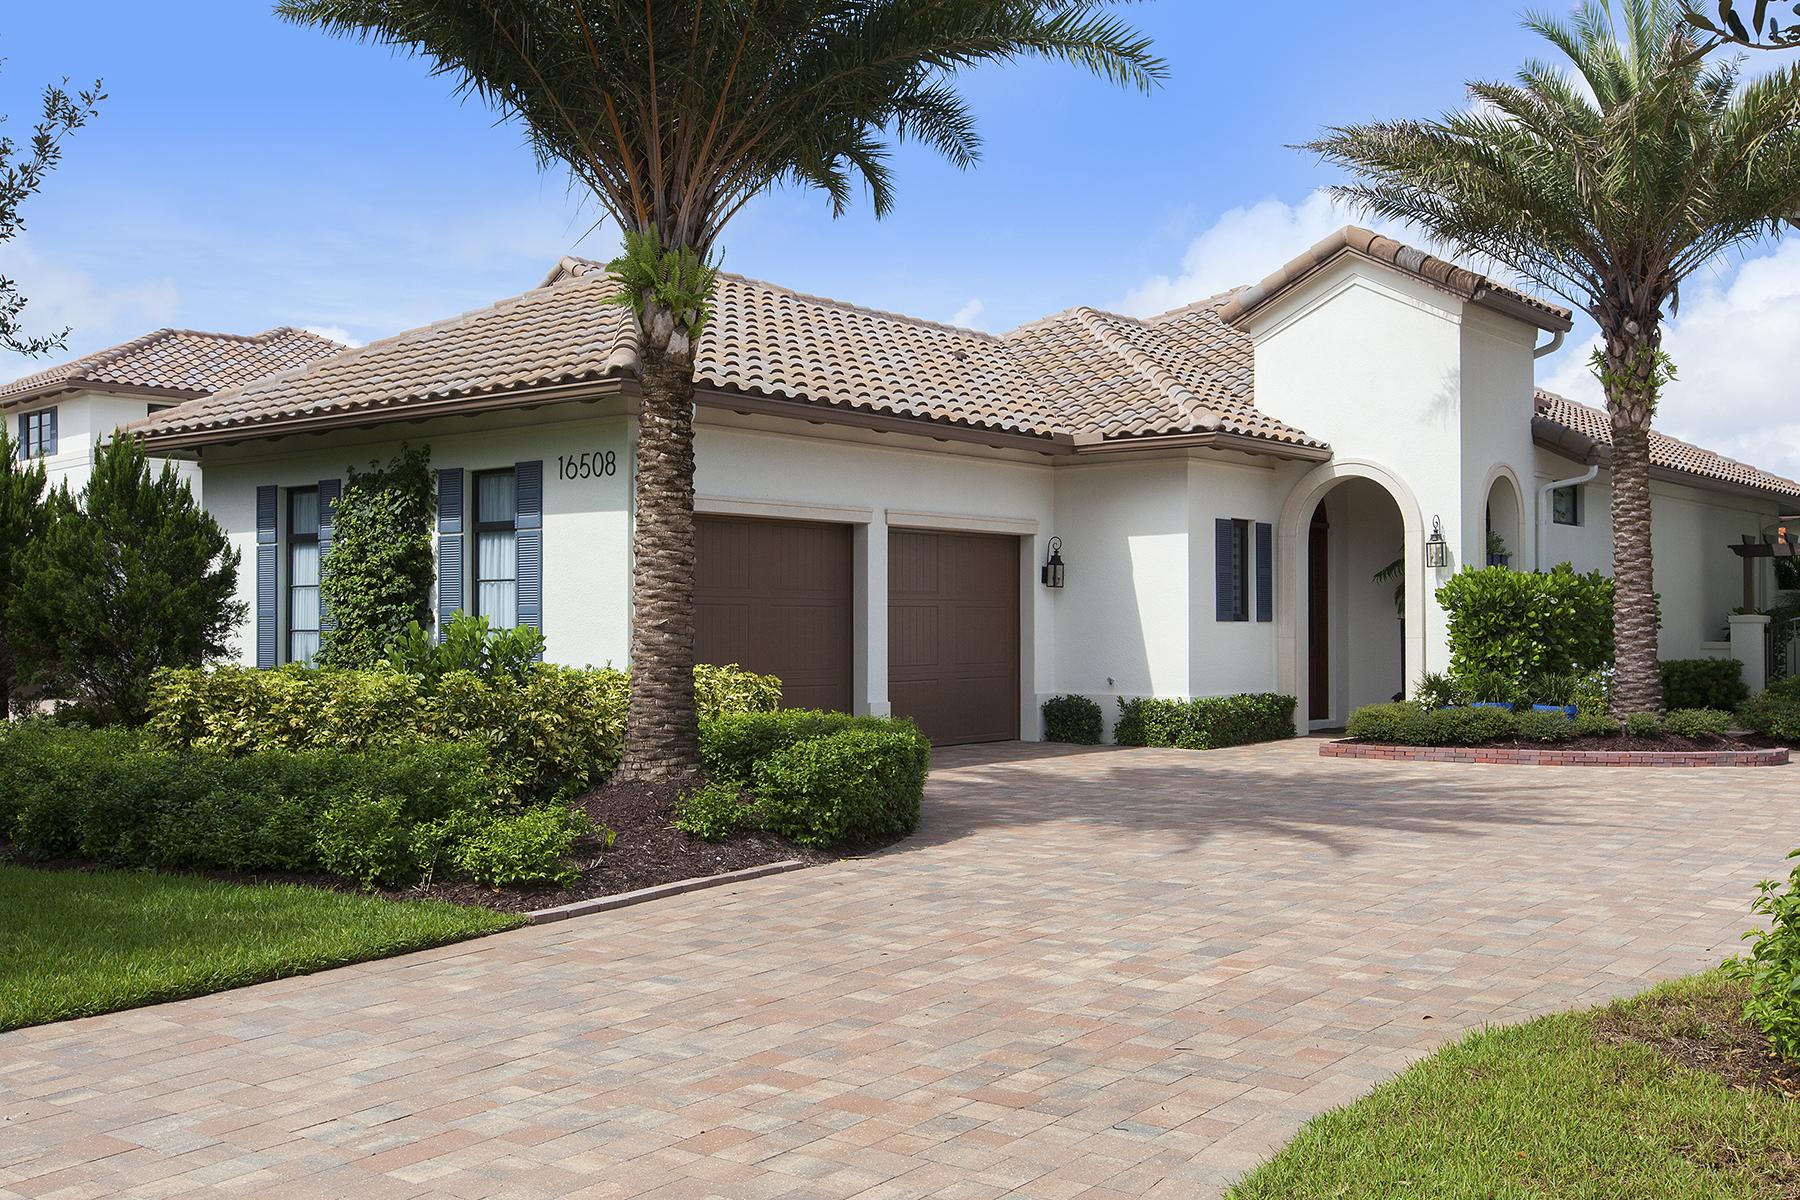 Casa Unifamiliar por un Venta en TALIS PARK 16508 Talis Park Dr Naples, Florida, 34110 Estados Unidos